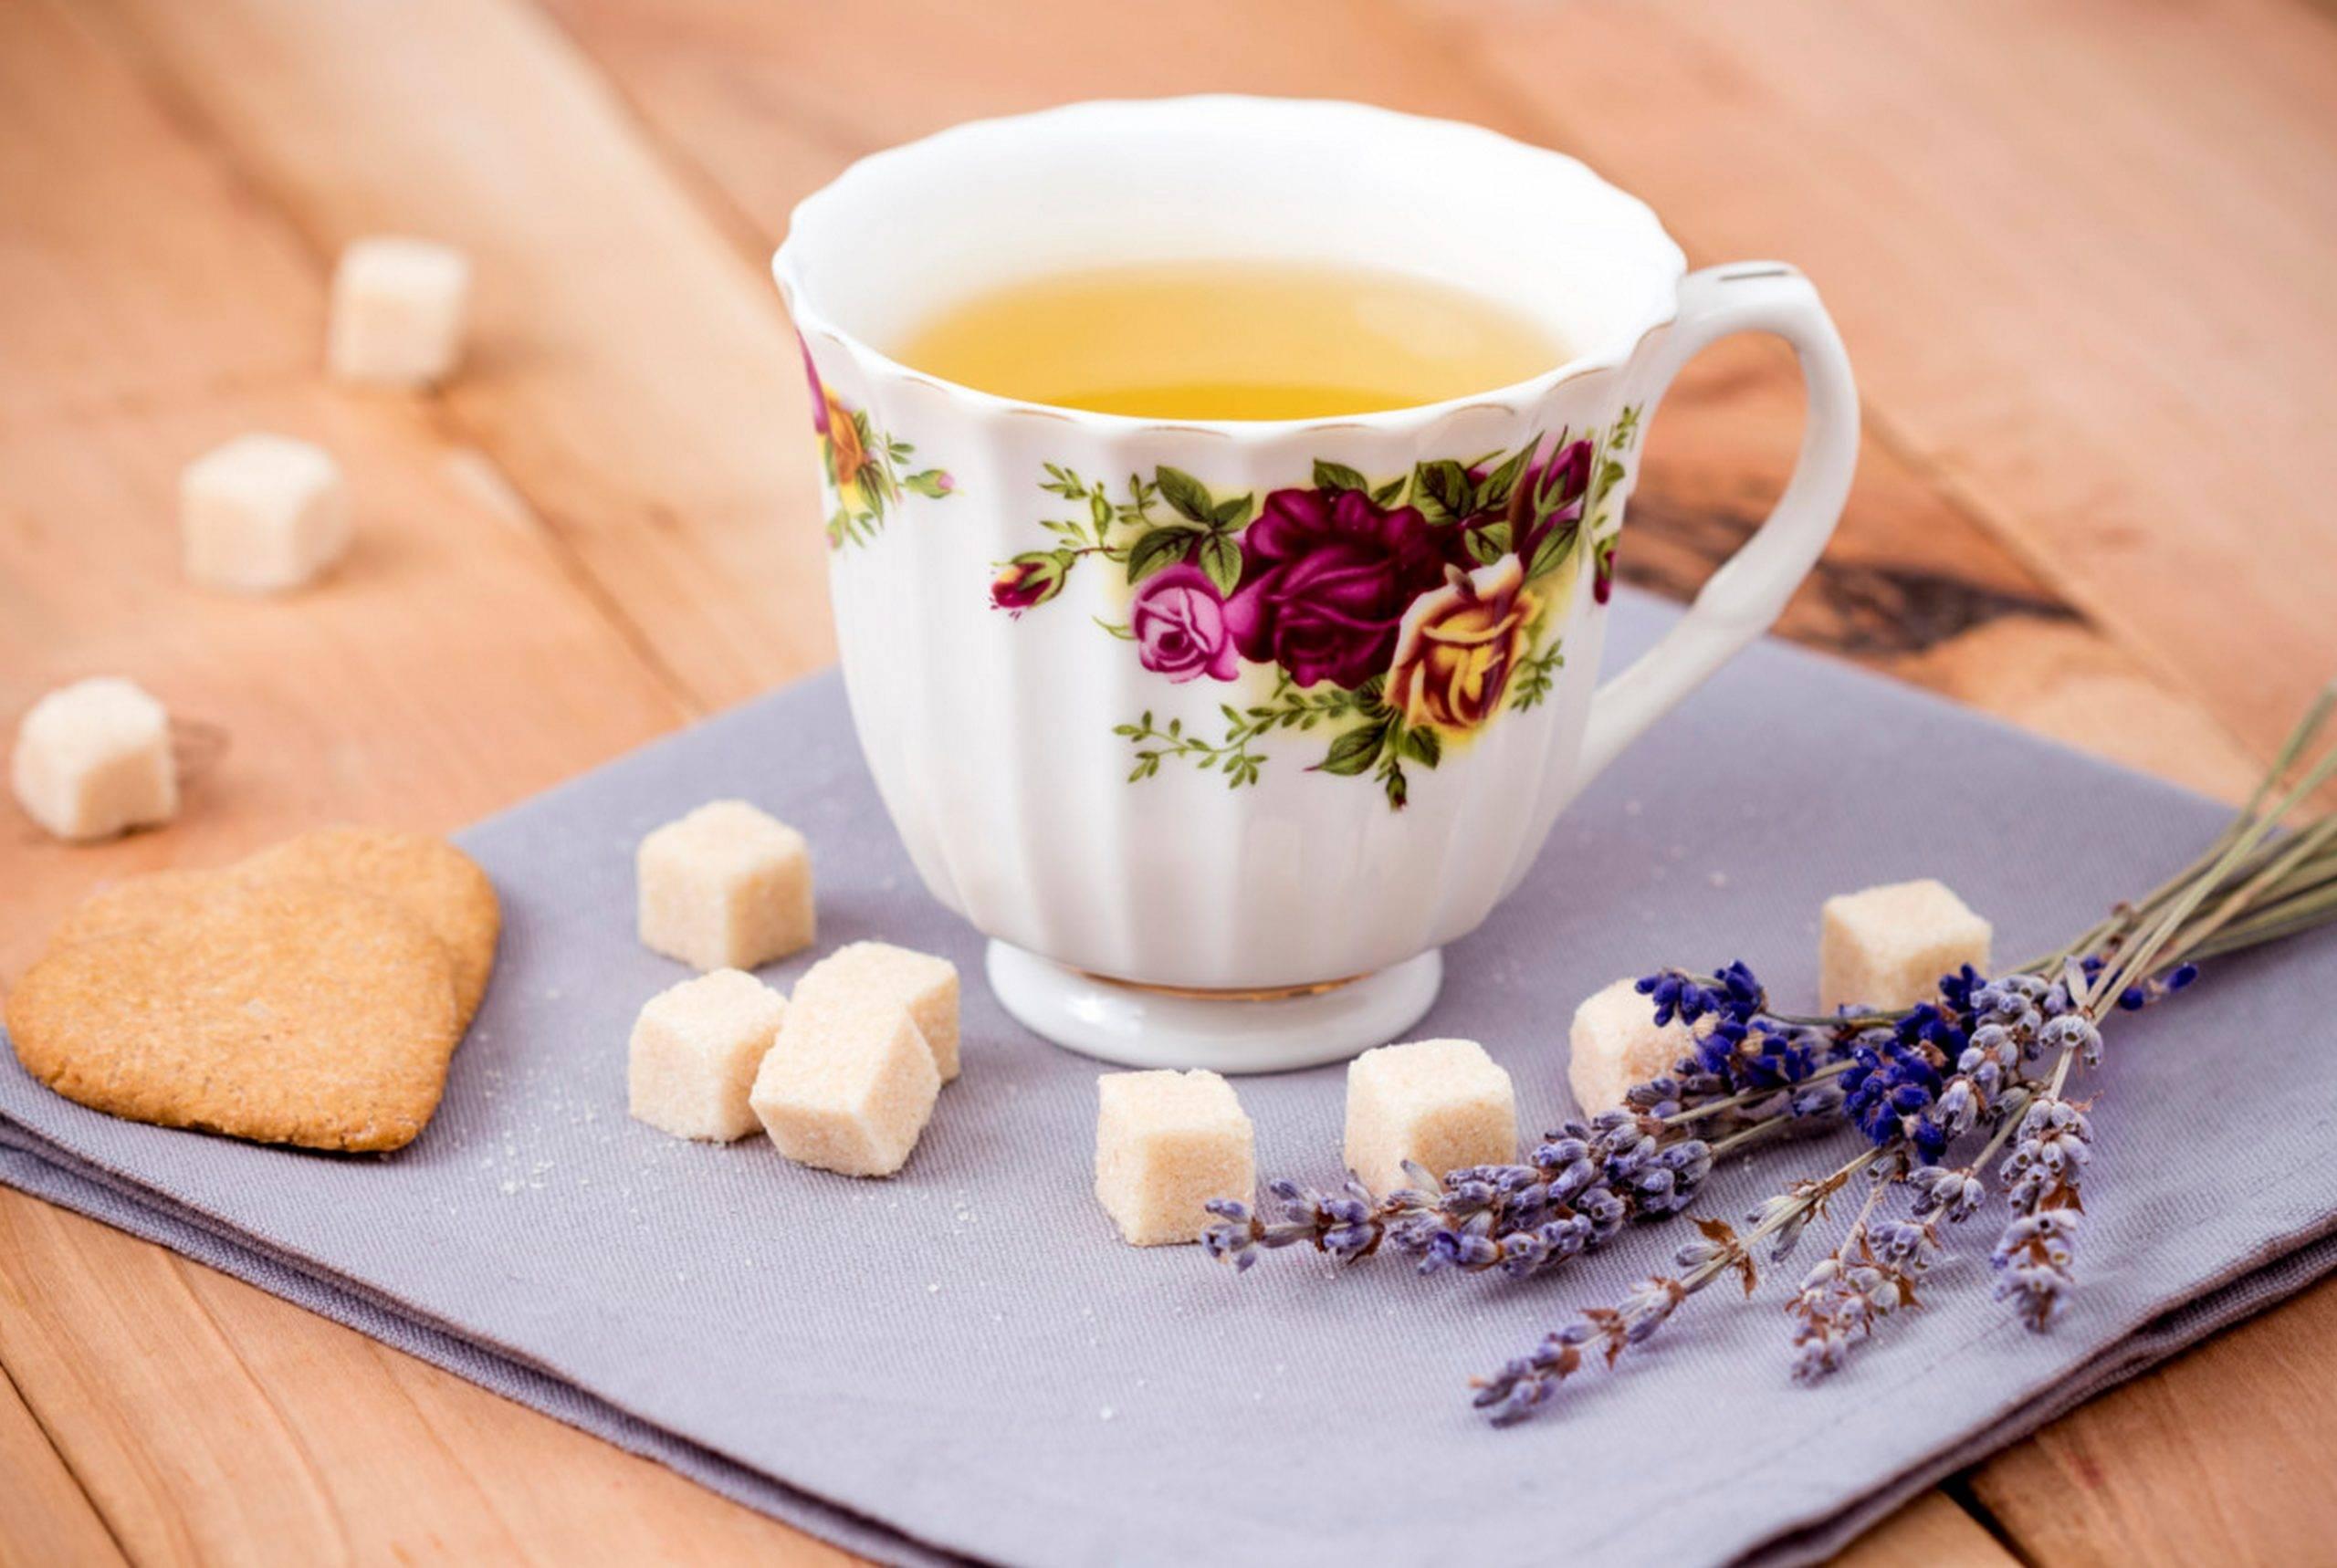 Как приготовить лавандовый чай? - just help us